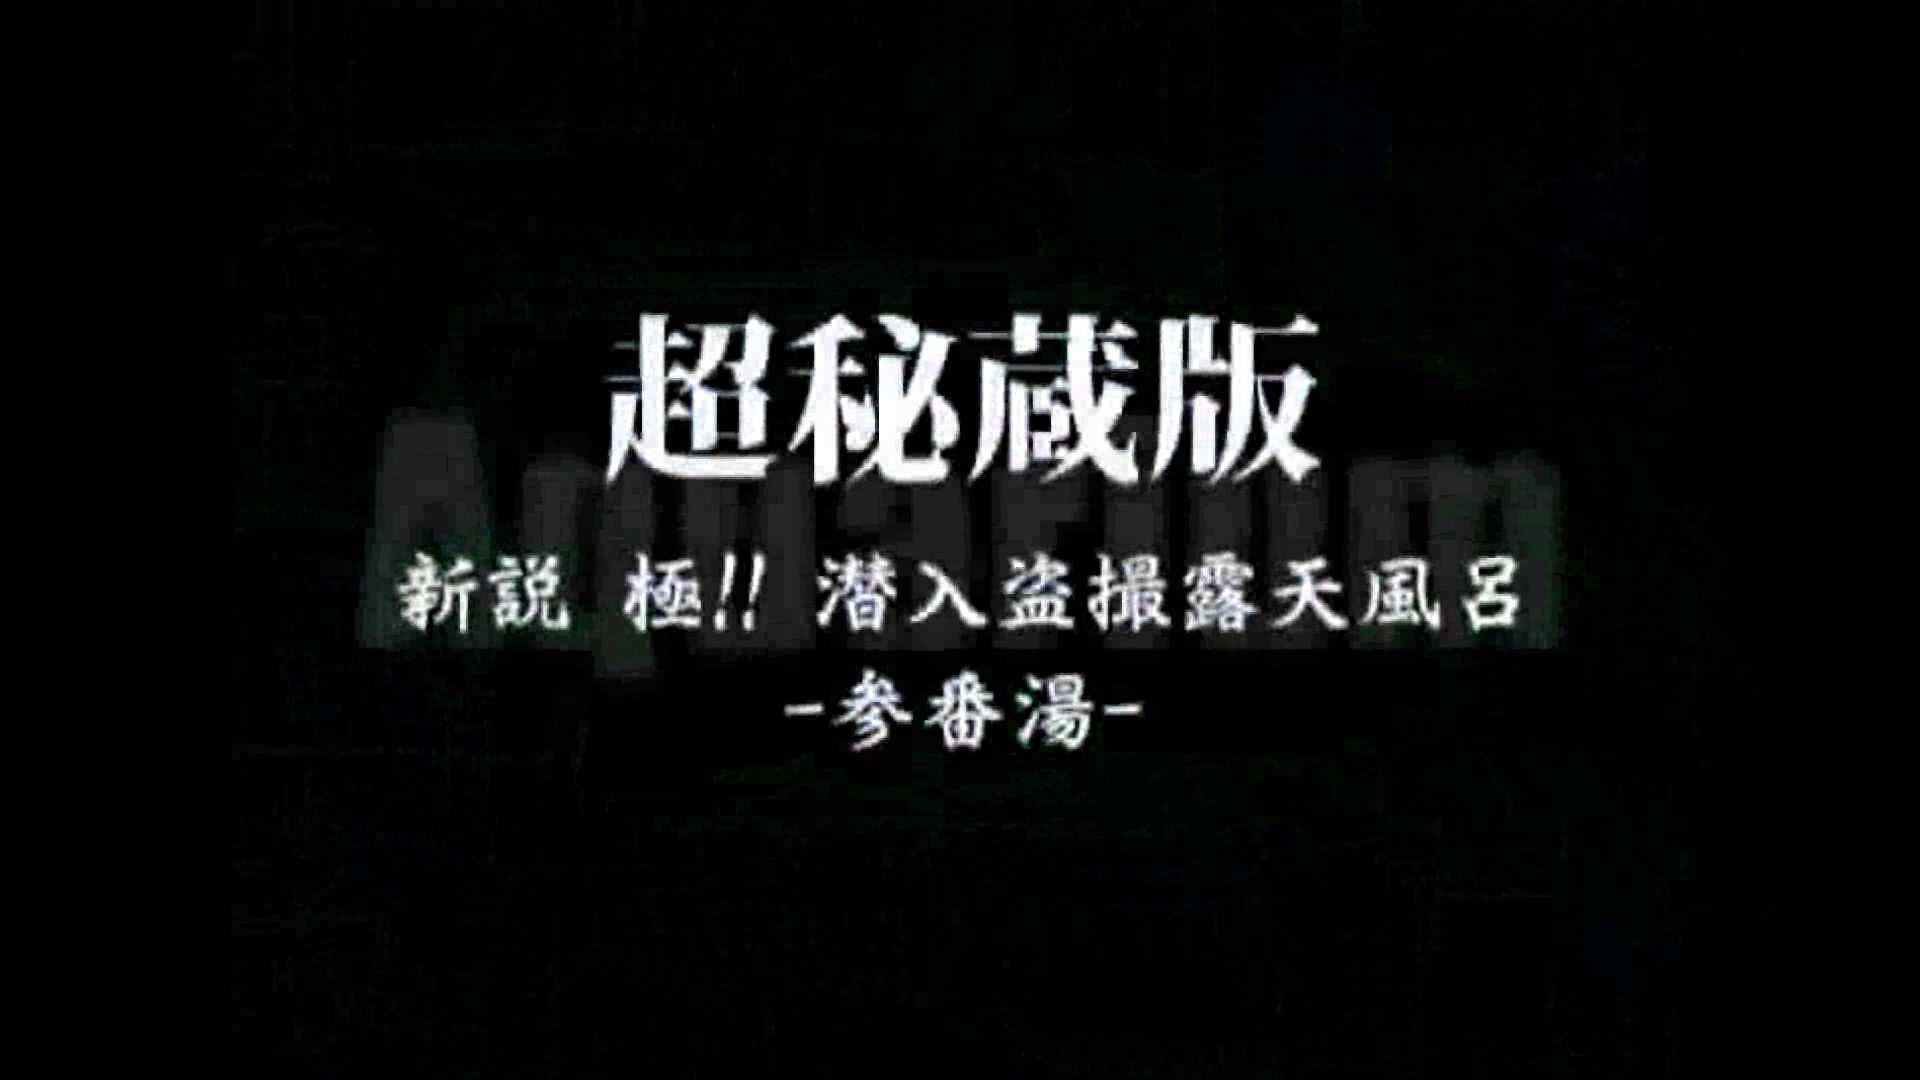 Aquaな露天風呂Vol.867潜入盗撮露天風呂参判湯 其の七 女体盗撮 盗撮AV動画キャプチャ 83連発 2